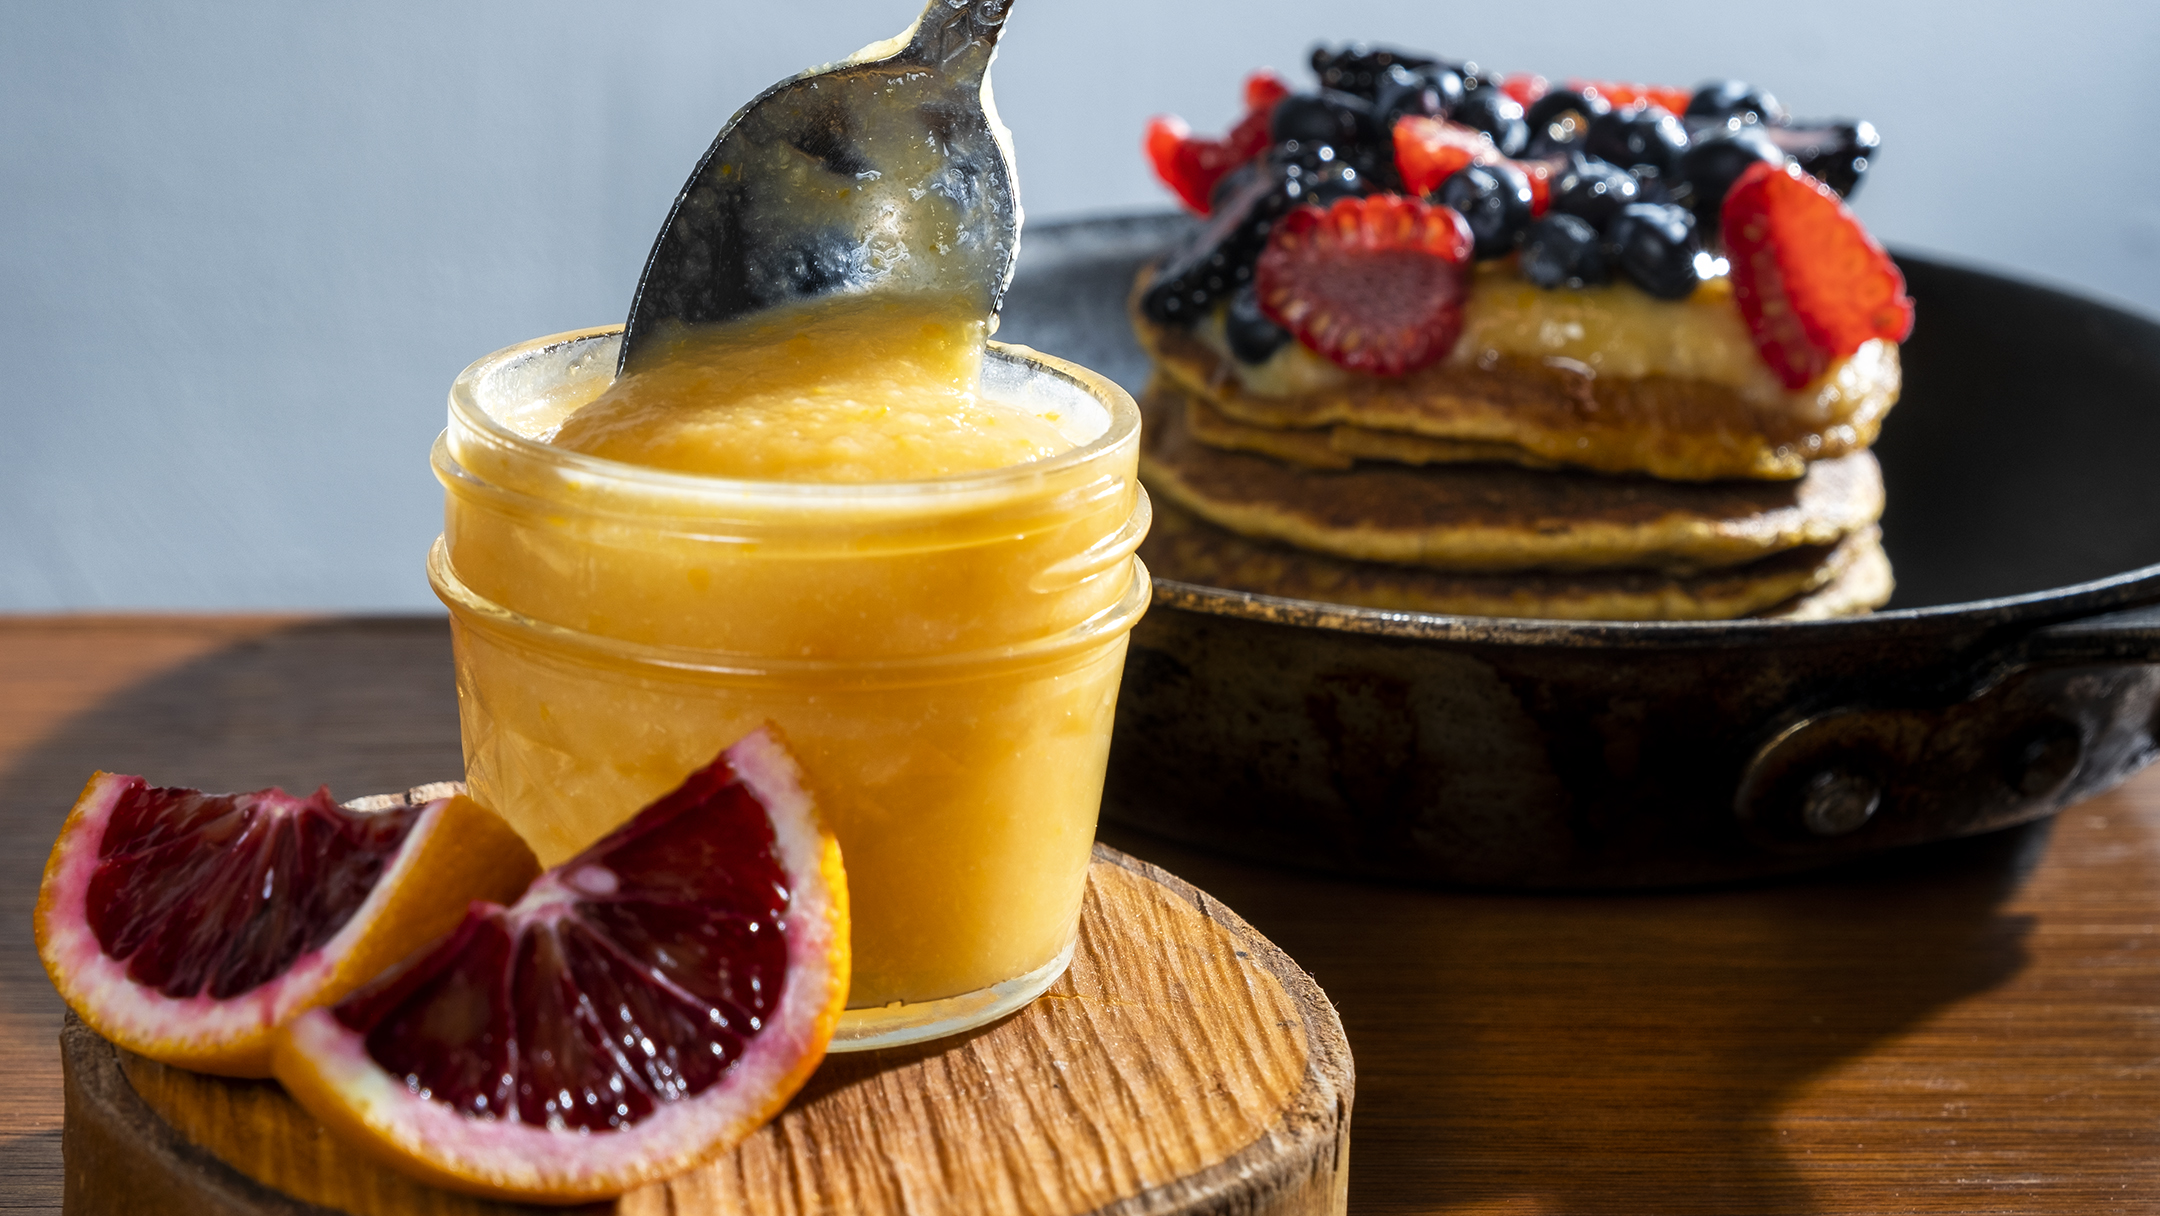 curd recipe, blood orange curd, sweet potato pancakes